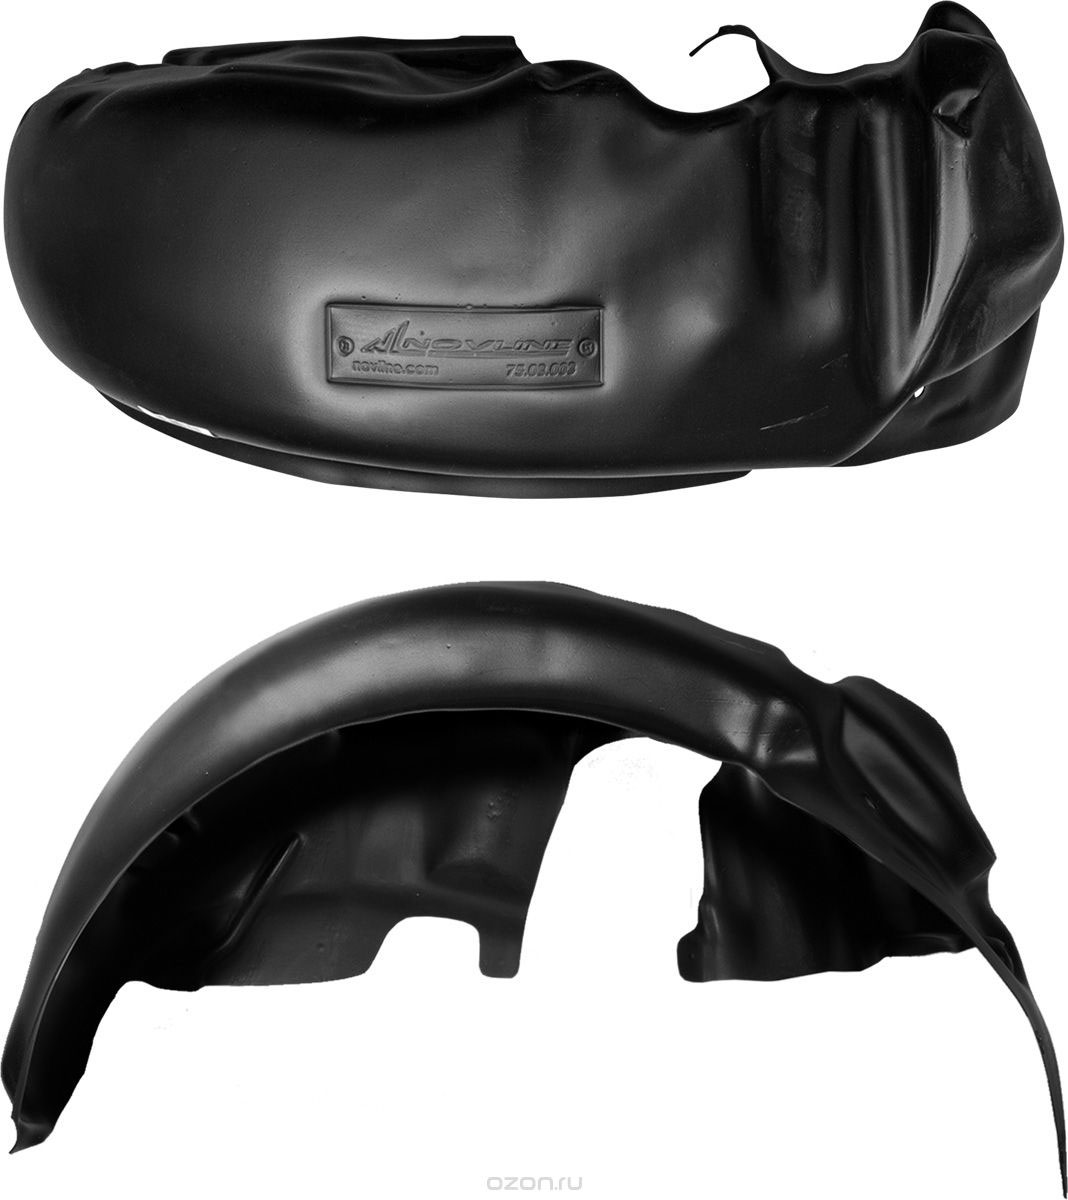 Подкрылок Novline-Autofamily, для RENAULT Duster 4x2, 05/2015->, задний левыйVCA-00Идеальная защита колесной ниши. Локеры разработаны с применением цифровых технологий, гарантируют максимальную повторяемость поверхности арки. Изделия устанавливаются без нарушения лакокрасочного покрытия автомобиля, каждый подкрылок комплектуется крепежом. Уважаемые клиенты, обращаем ваше внимание, что фотографии на подкрылки универсальные и не отражают реальную форму изделия. При этом само изделие идет точно под размер указанного автомобиля.